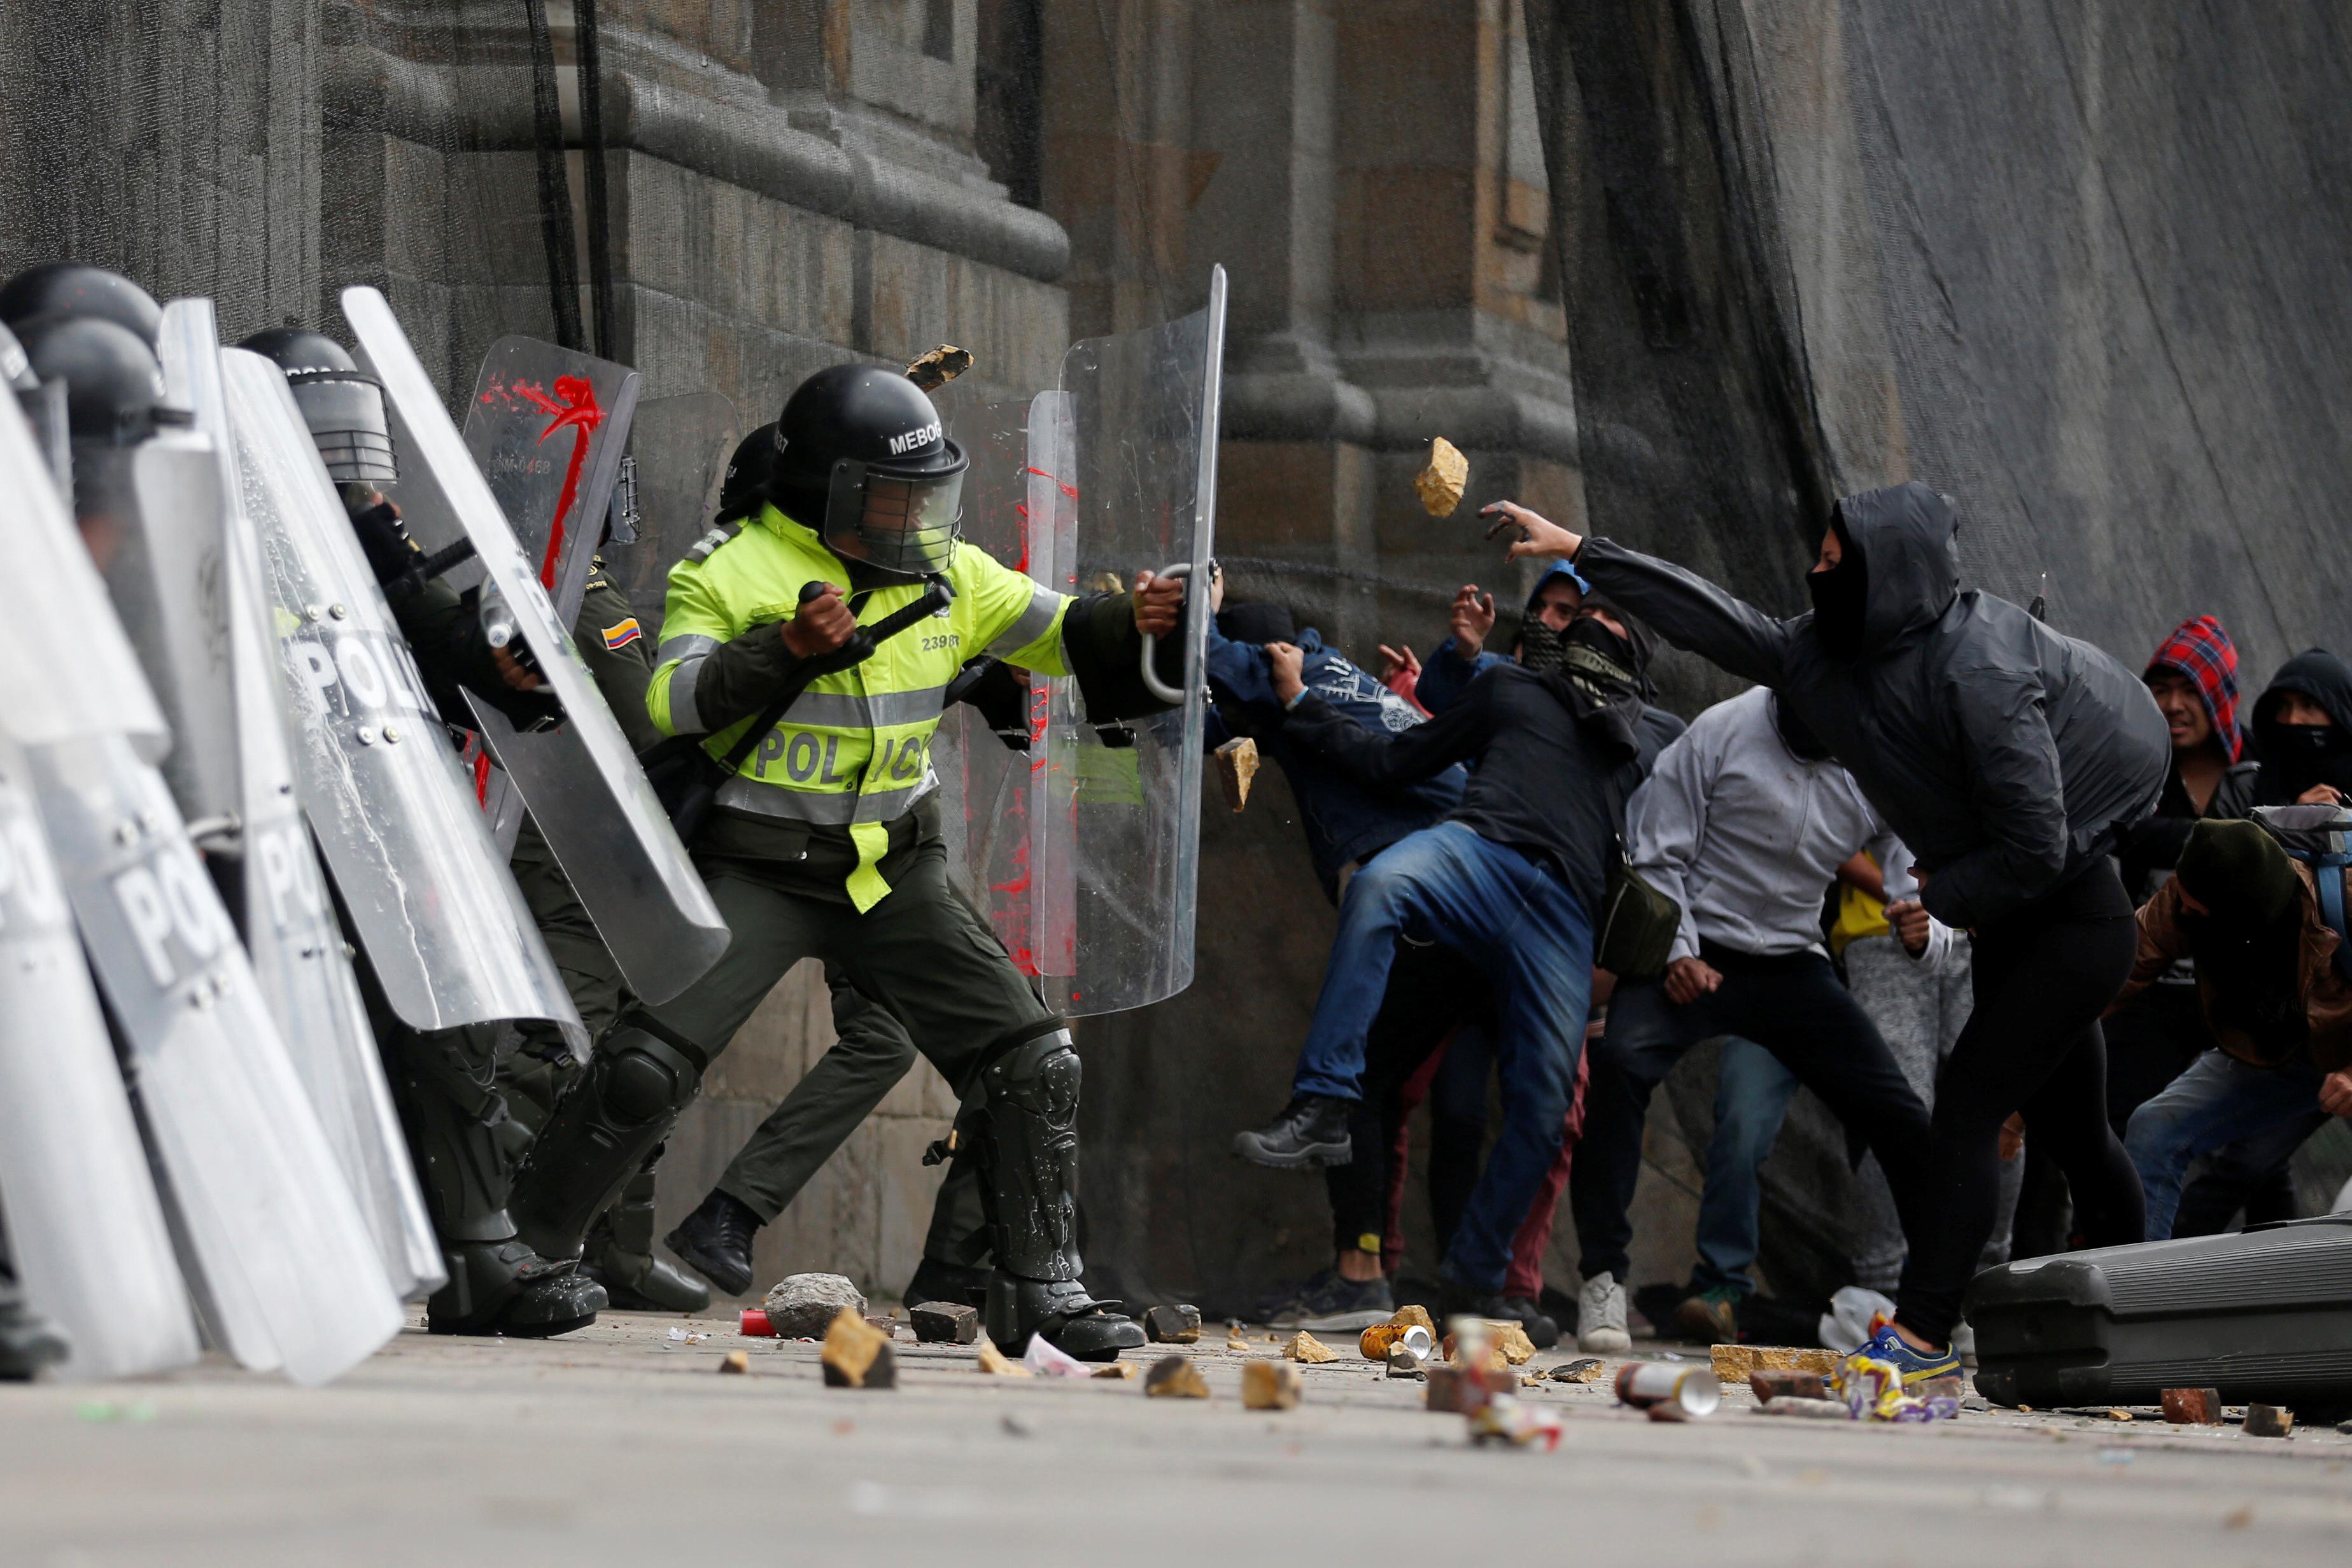 2272508-جانب-من-الاحتجاجات-والعنف-فى-كولومبيا-(1)